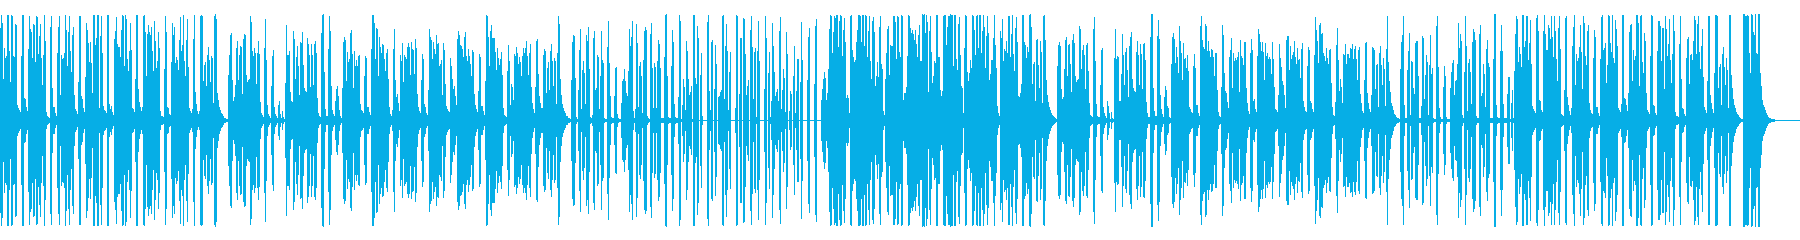 かわいいほのぼのリコーダー、子供の再生済みの波形